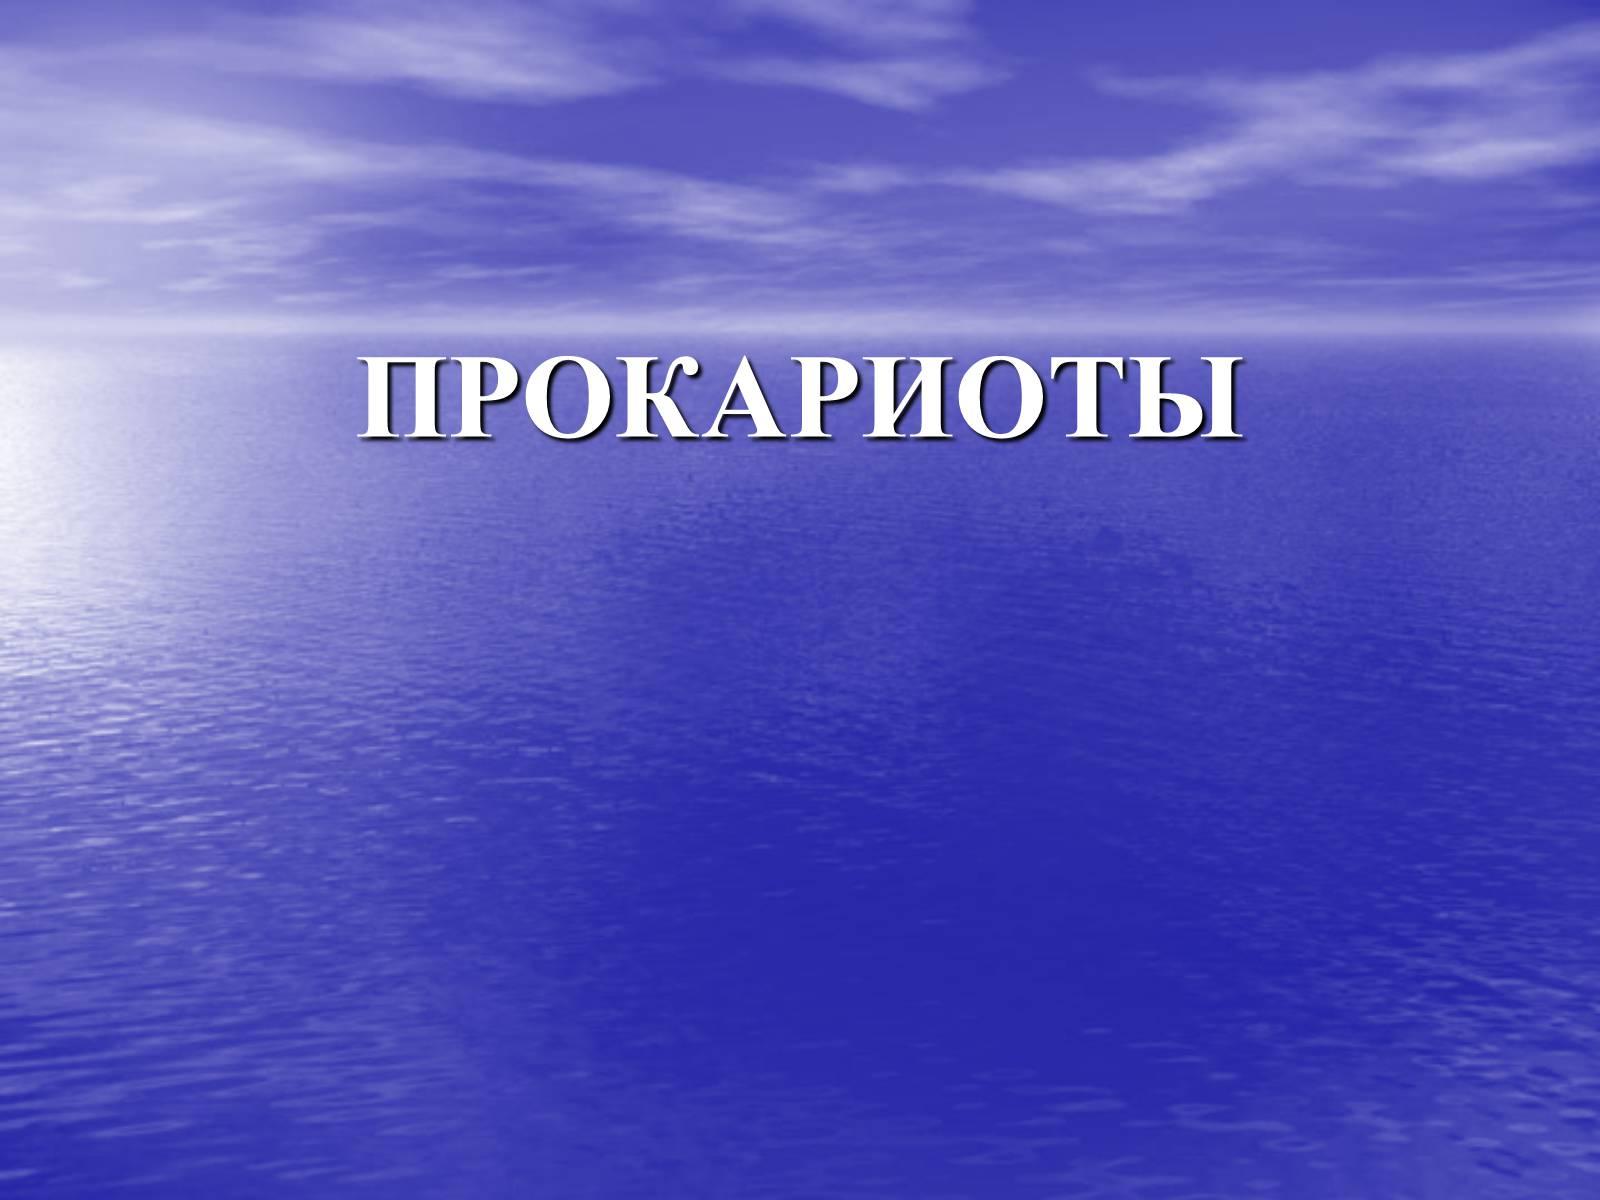 download Россия перед выбором (альтернативы системной трансформации):